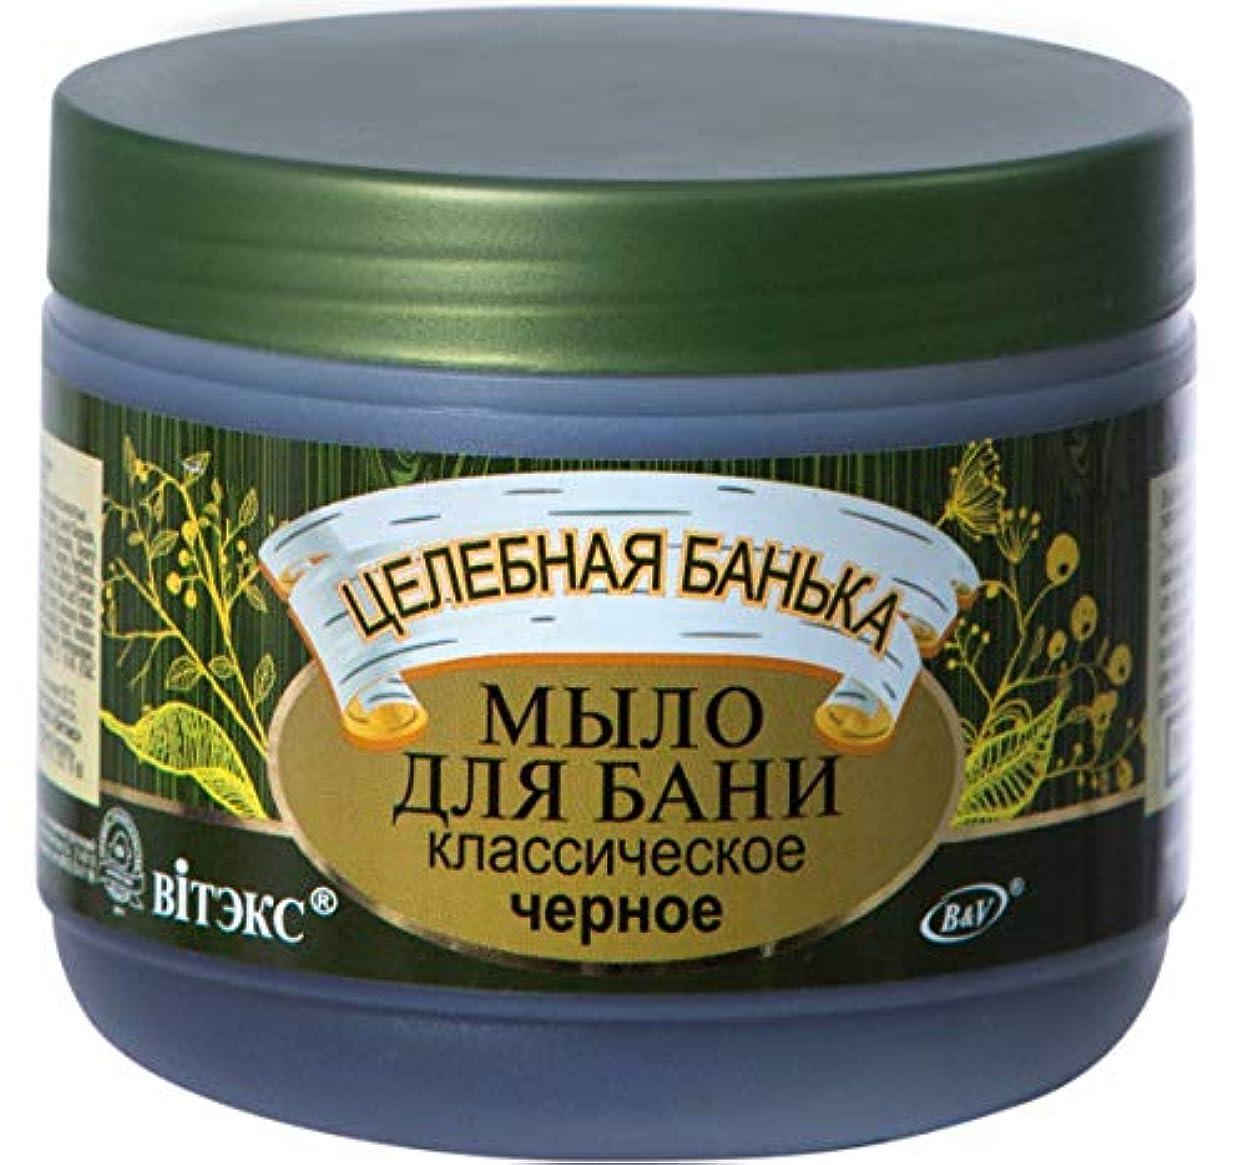 ショルダースクリーチ上級BIELITA & VITEX | Healing Bath | Classic Black Soap with 7 Natural Extracts